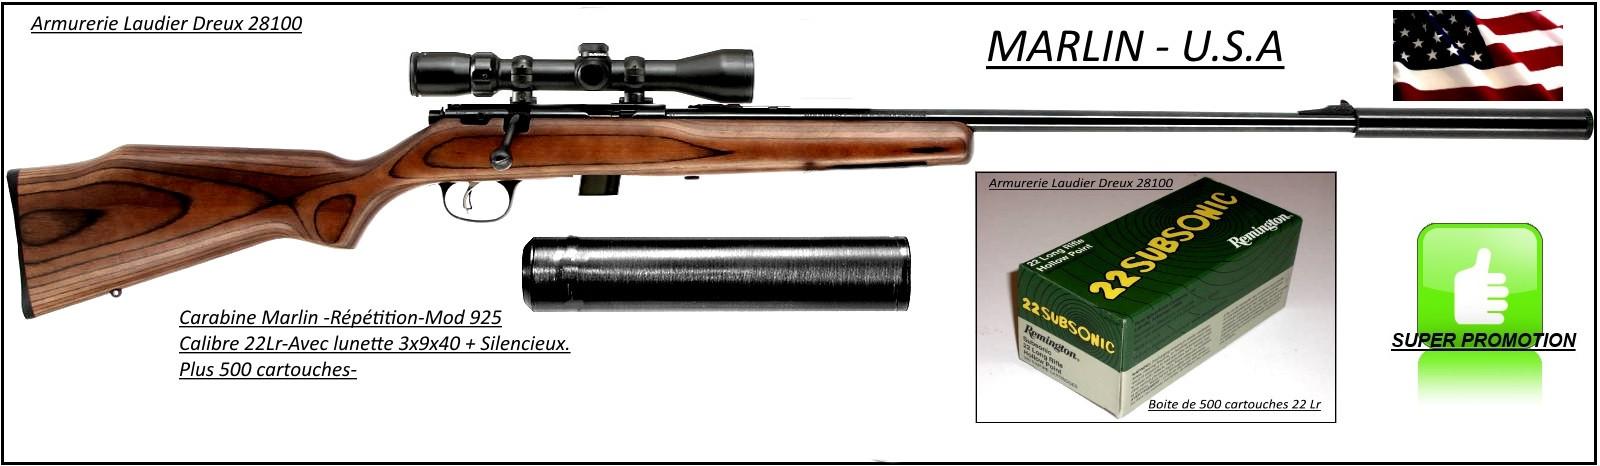 """Carabine-Marlin -Mod 925- Cal 22 lr -Répétition+ Lunette 3x9x40 +Silencieux+500 cartouches-'Promotion""""-Ref 24389"""